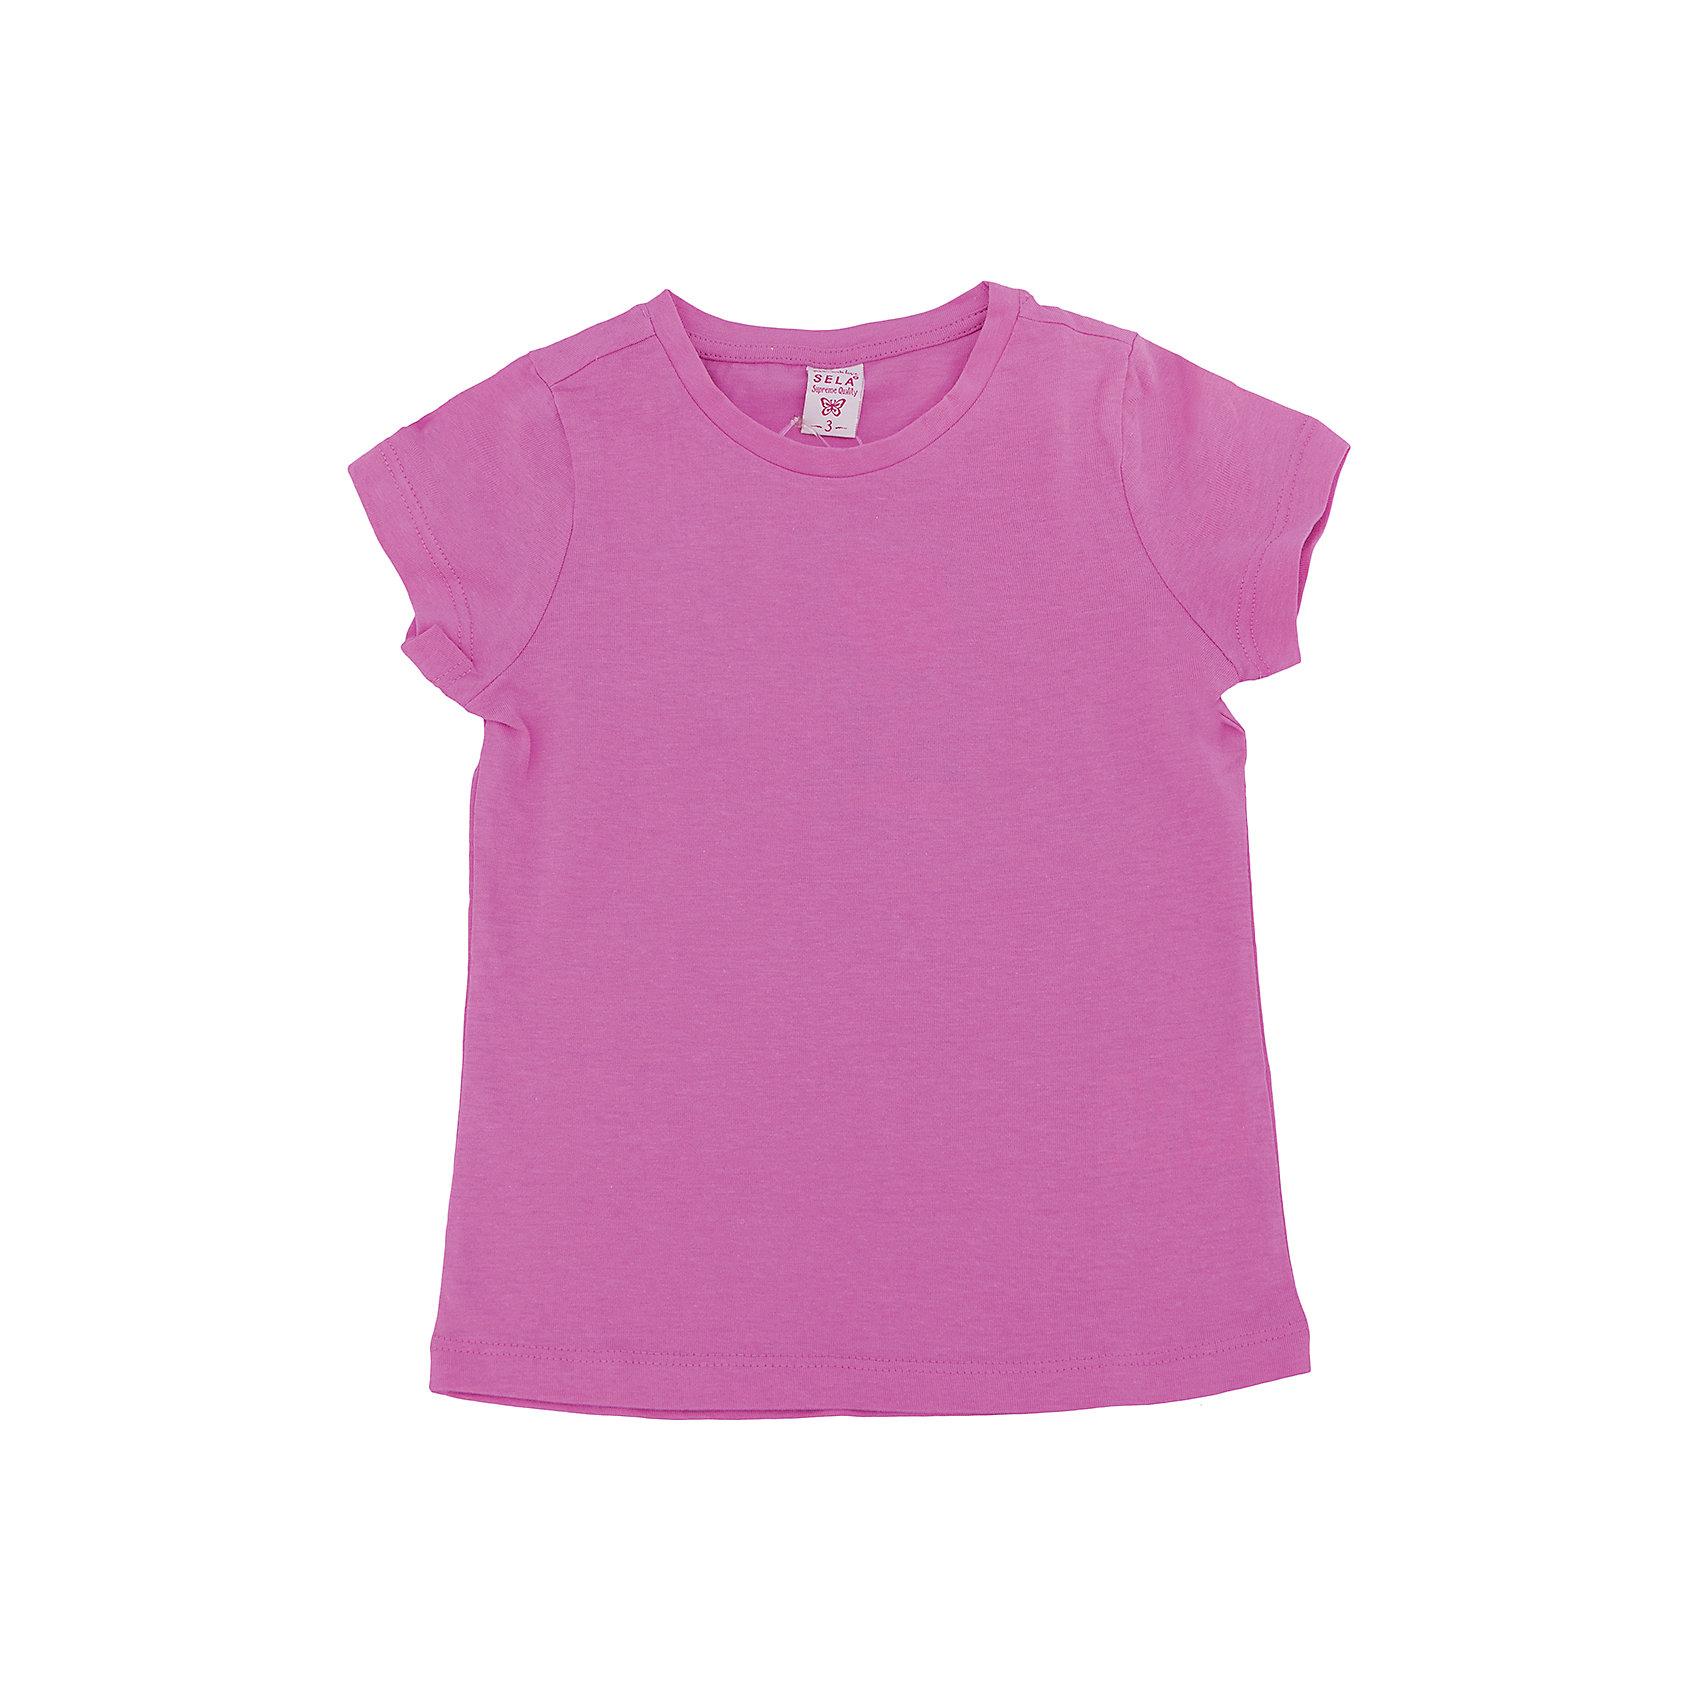 SELA Футболка для девочки SELA купить в москве хсн одежда